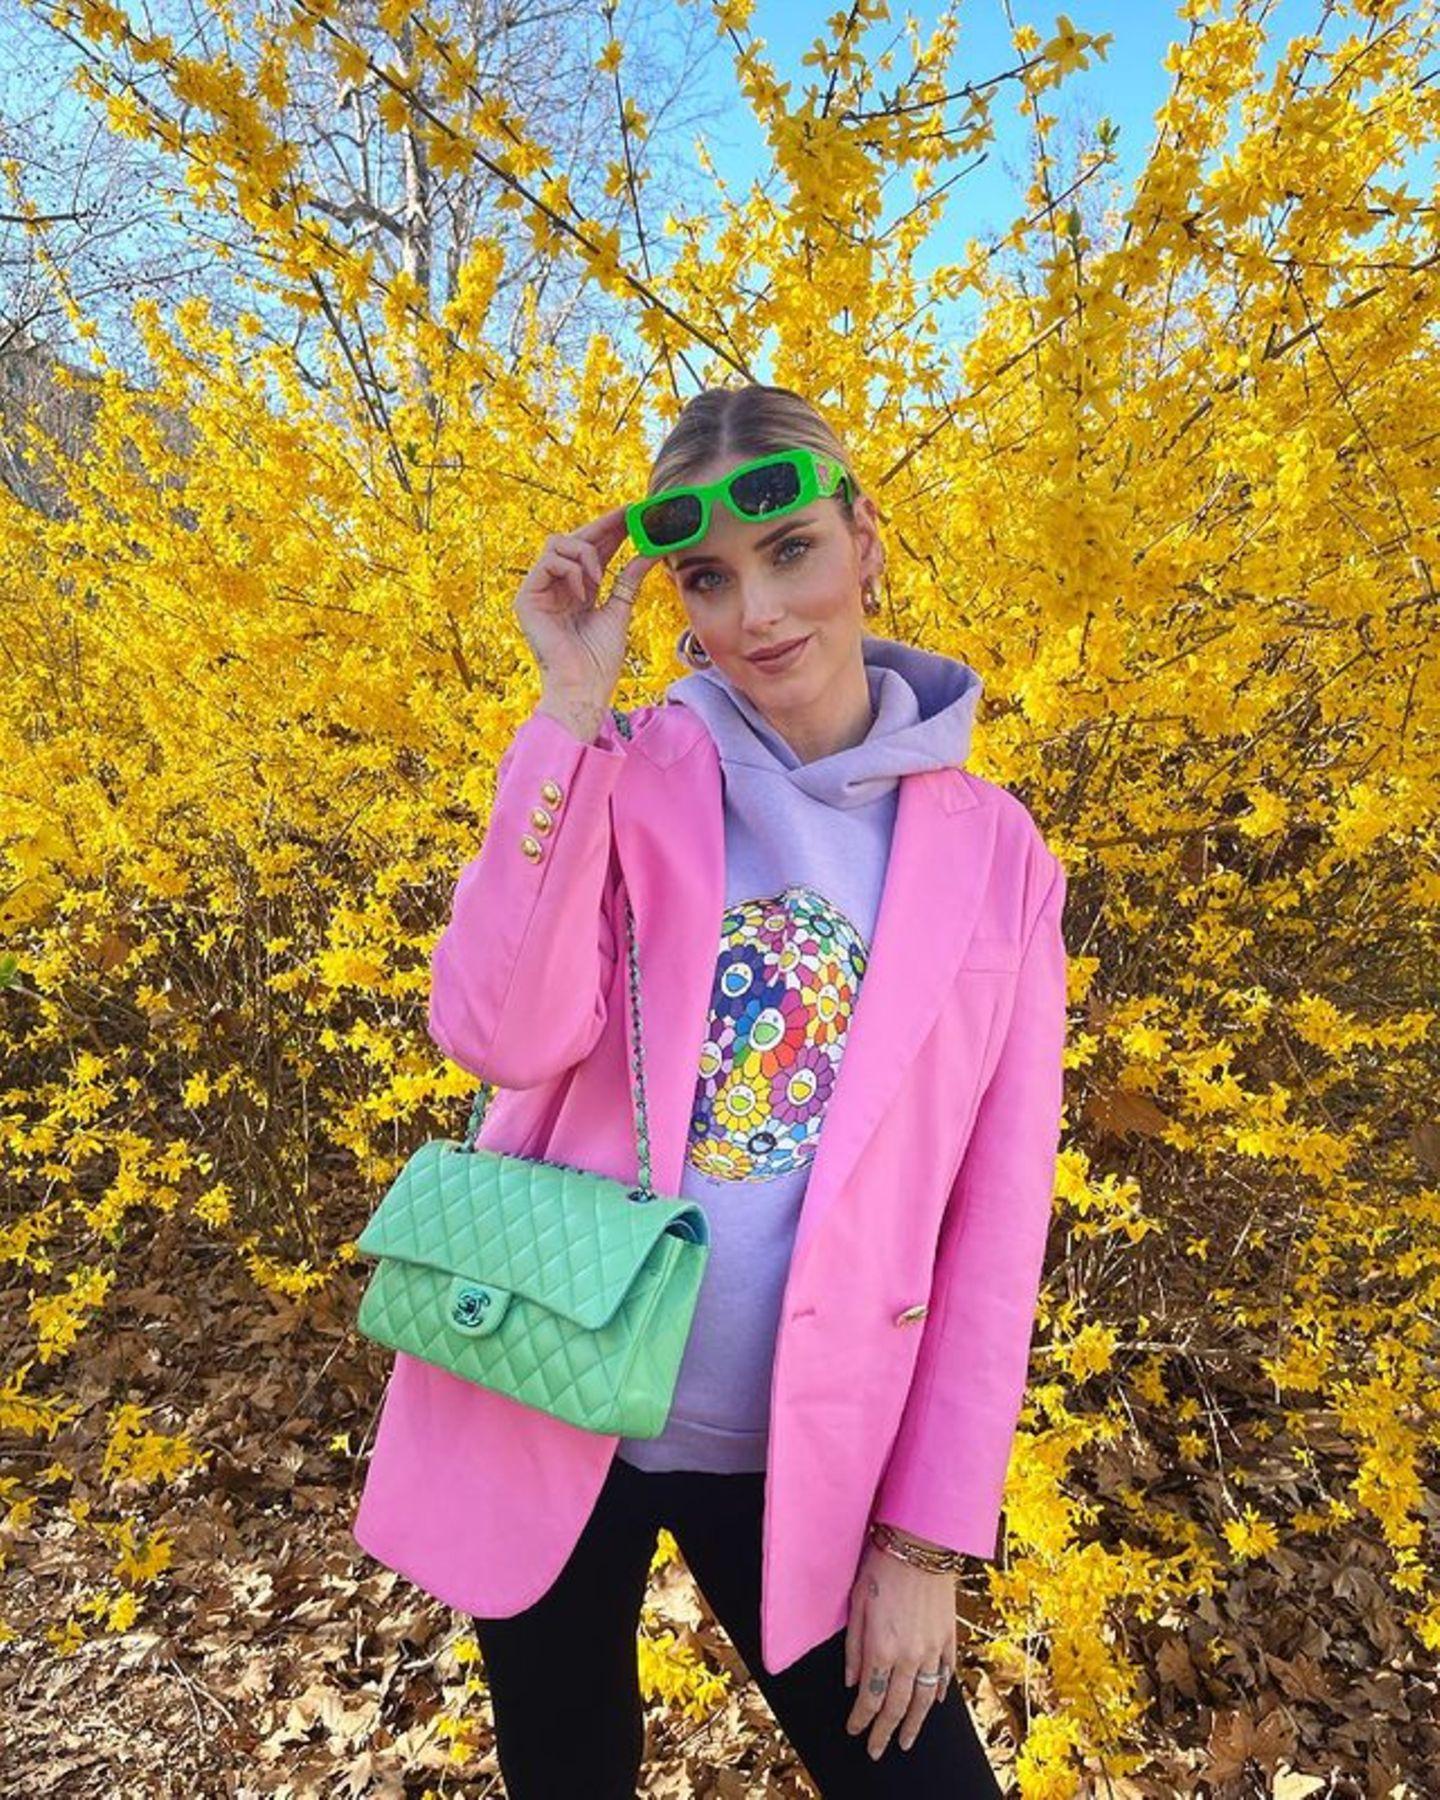 Neonfarben vertreiben den Winter-Blues und sorgen sofort für gute Laune! BeliebtesStylingvorbild ist Chiara Ferragni. Die schwangere Unternehmerin kombiniert gleich mehrereKnallfarben miteinander und setzt dem Neon-Look mit ihrer luxuriösen Chanel-Tasche in der Farbe Mint das Krönchen auf.